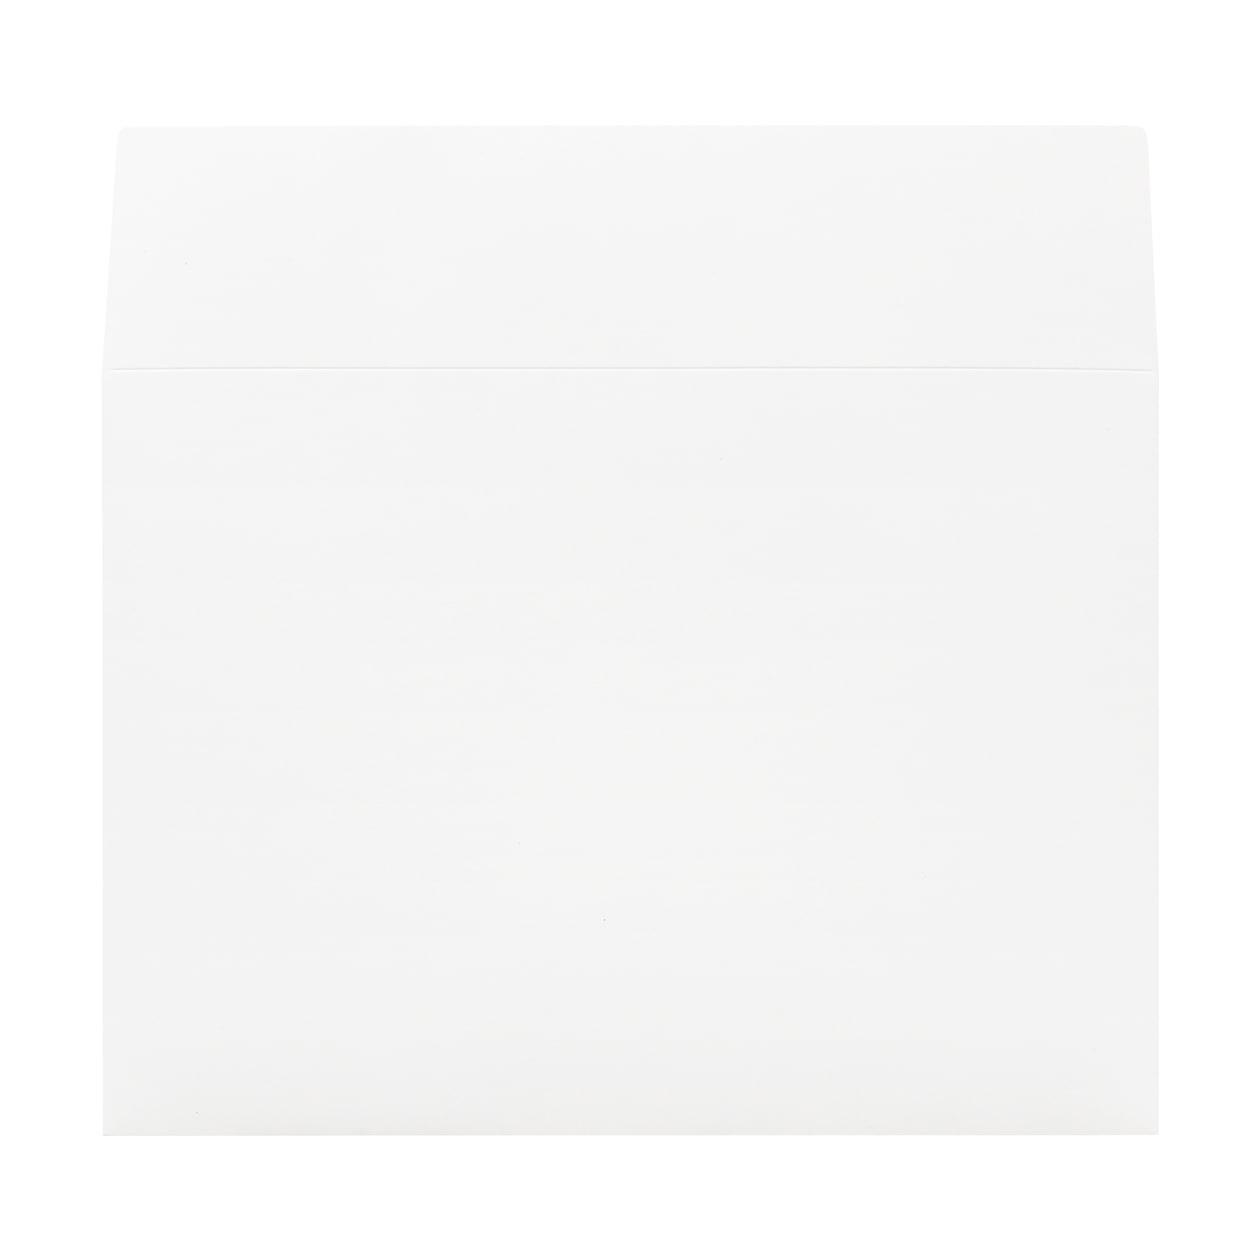 角2外カマス封筒(フタ立て) ボード紙 ホワイト 260g